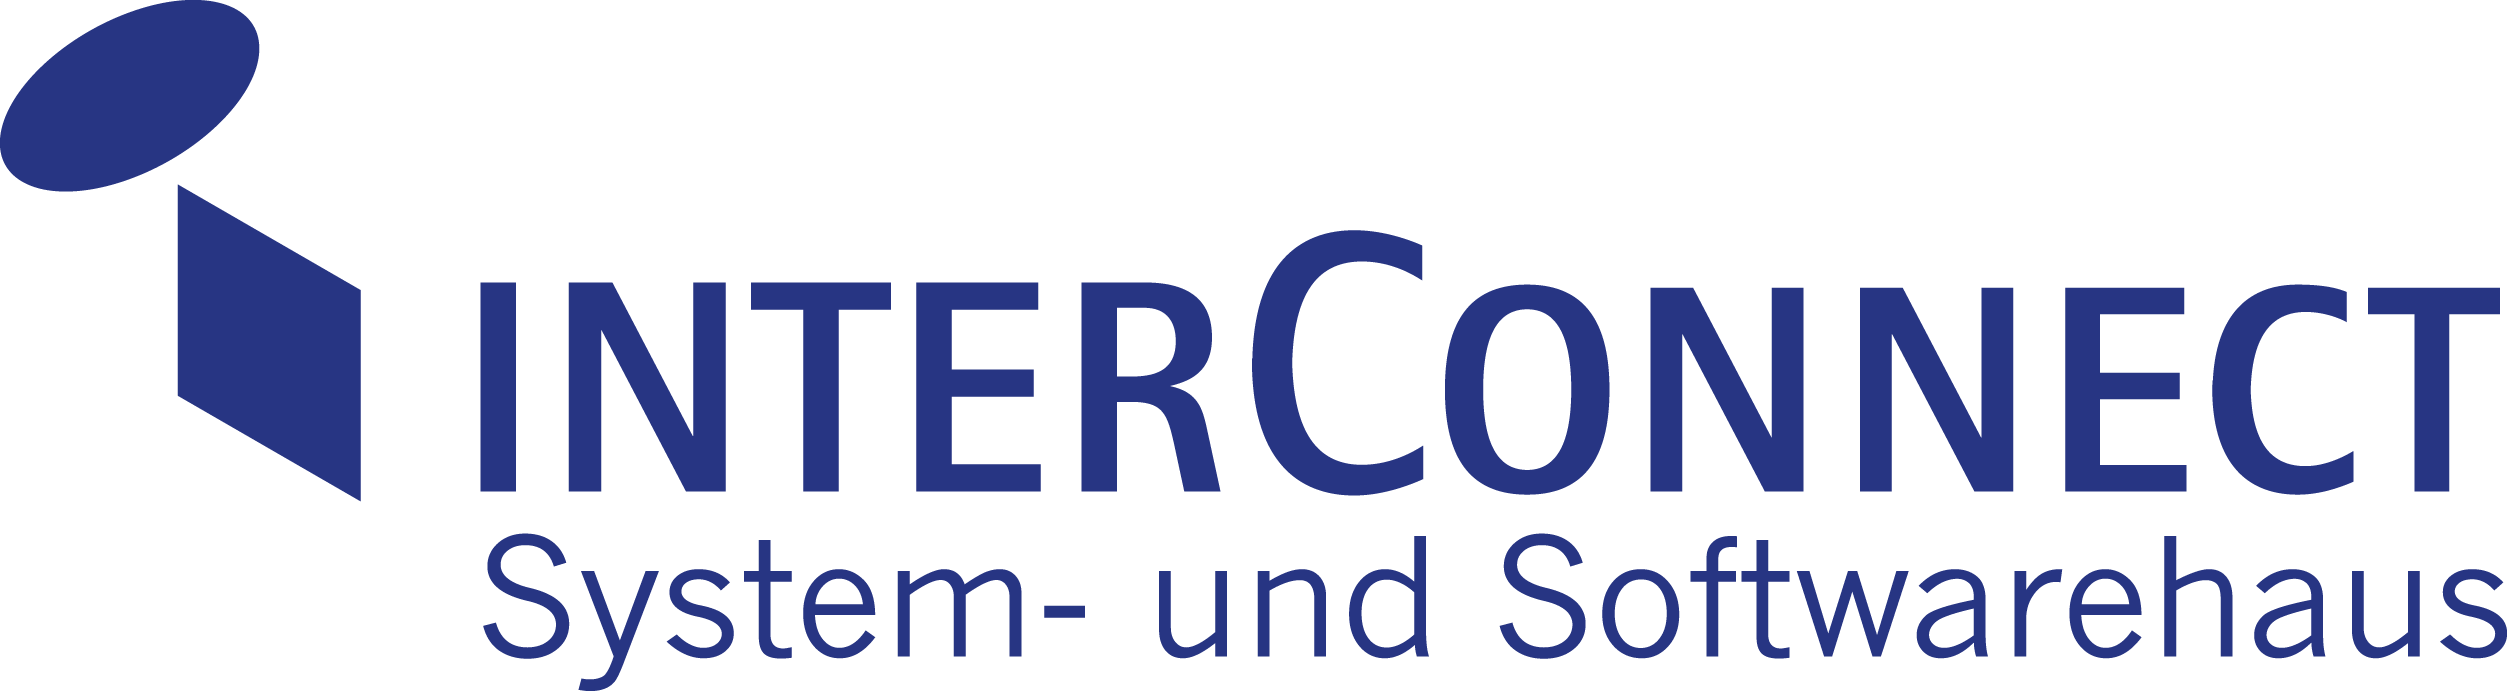 ic-logo-wlsb